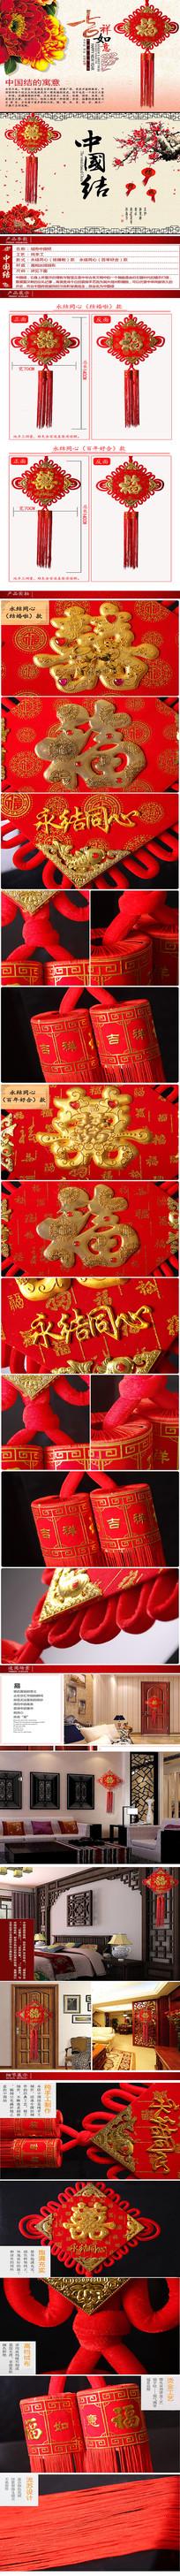 中国节详情描述页模板